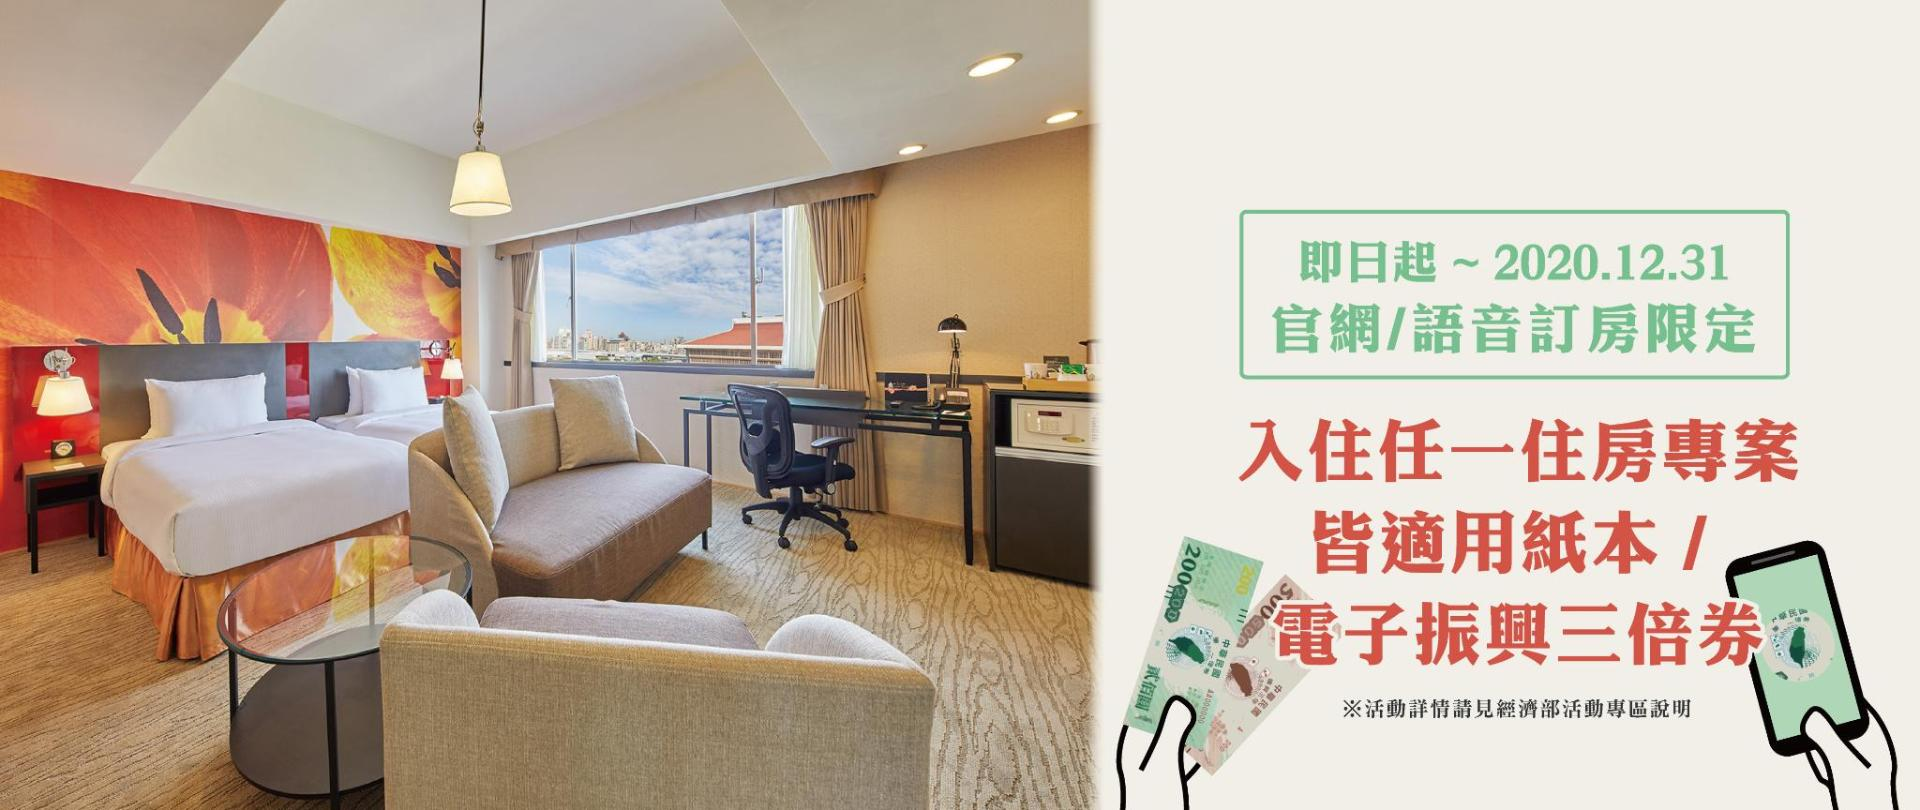 官網Slide-Show4000X1688_經濟部三倍振興券.jpg